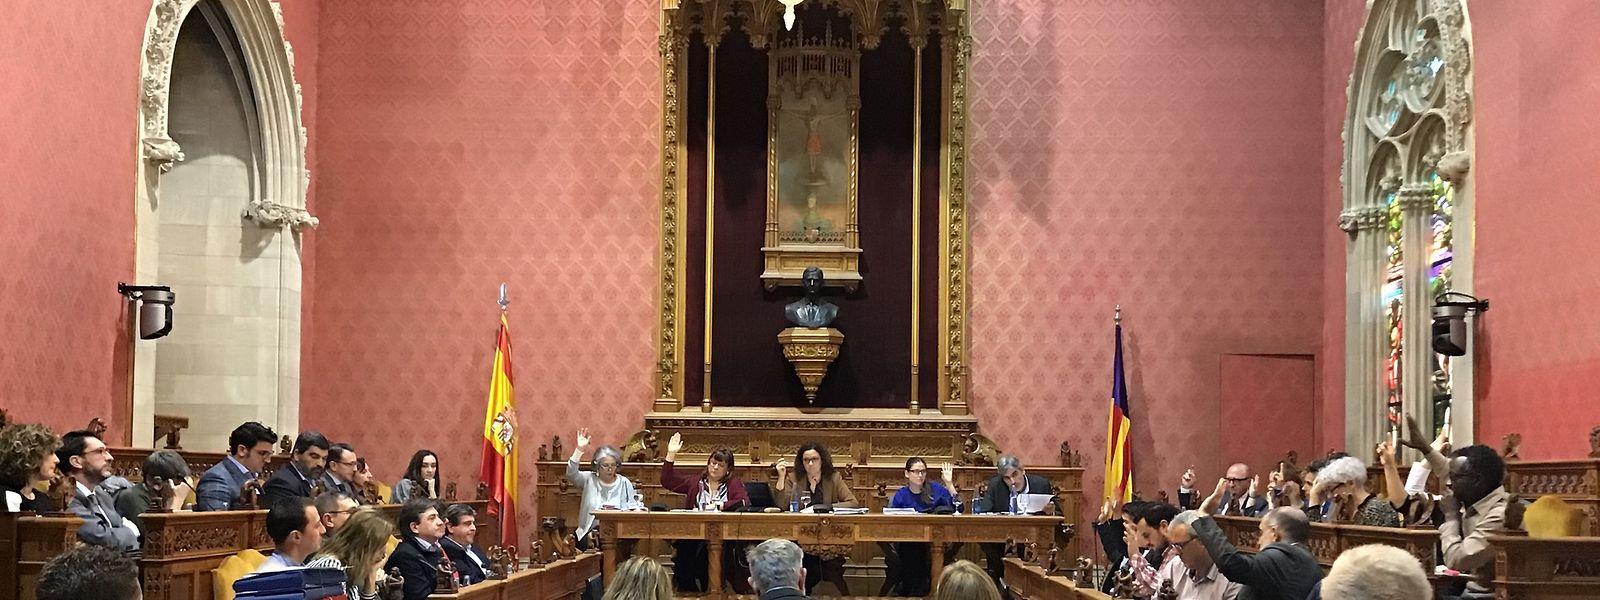 """HANDOUT - 13.02.2020, Spanien, Mallorca: Blick auf die Plenarsitzung des Rates von Mallorca. Mallorca geht gegen den sexuellen Missbrauch von Kindern und Jugendlichen in zahlreichen Heimen der spanischen Urlaubsinsel vor. Rund eineinhalb Monate nach Bekanntwerden des Skandals legte der Inselrat ein Maßnahmenprogramm vor. (Bestmögliche Bildqualität) (zu dpa """"Mallorca geht gegen sexuellen Missbrauch von Heimkindern vor"""") Foto: Consell Mallorca/dpa - ACHTUNG: Nur zur redaktionellen Verwendung im Zusammenhang mit der aktuellen Berichterstattung und nur mit vollständiger Nennung des vorstehenden Credits +++ dpa-Bildfunk +++"""